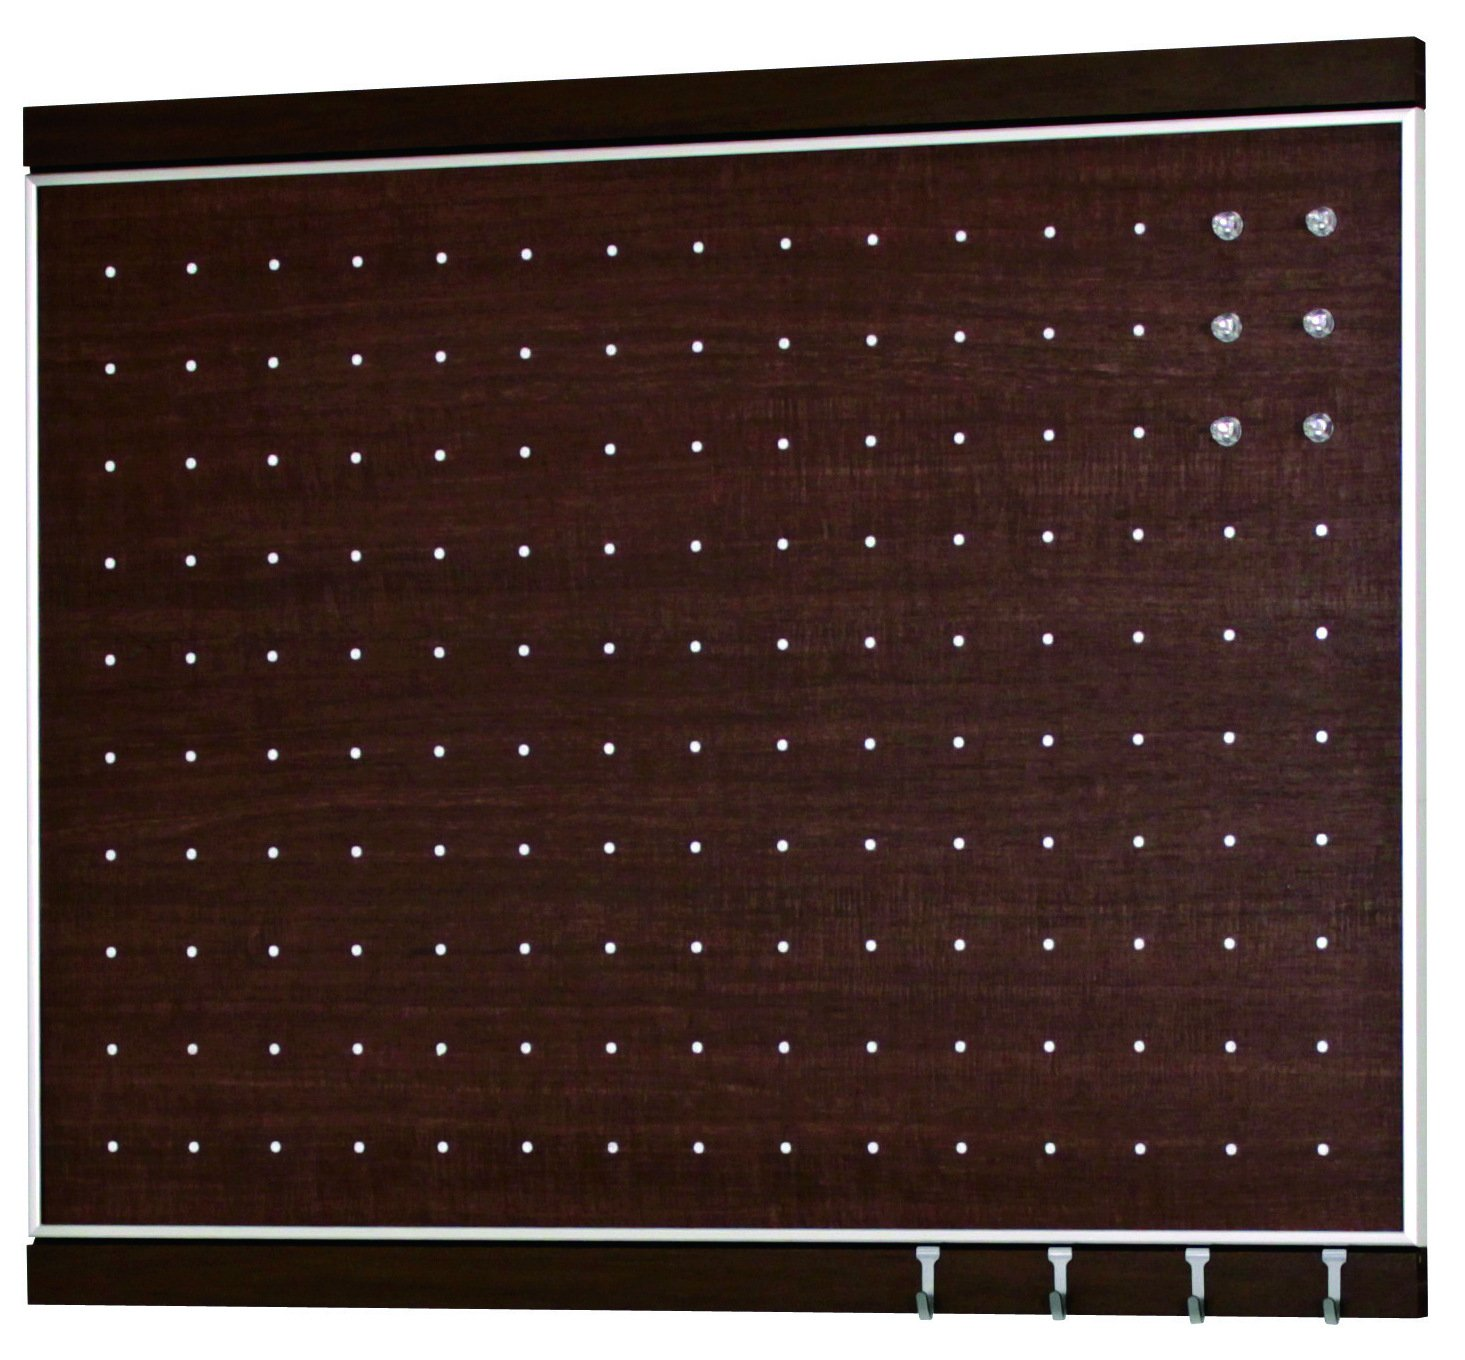 ベルク 【日本製インテリアボード】 フック付きマグボード 450×600 セピア MR4055   B00N4WO06Q